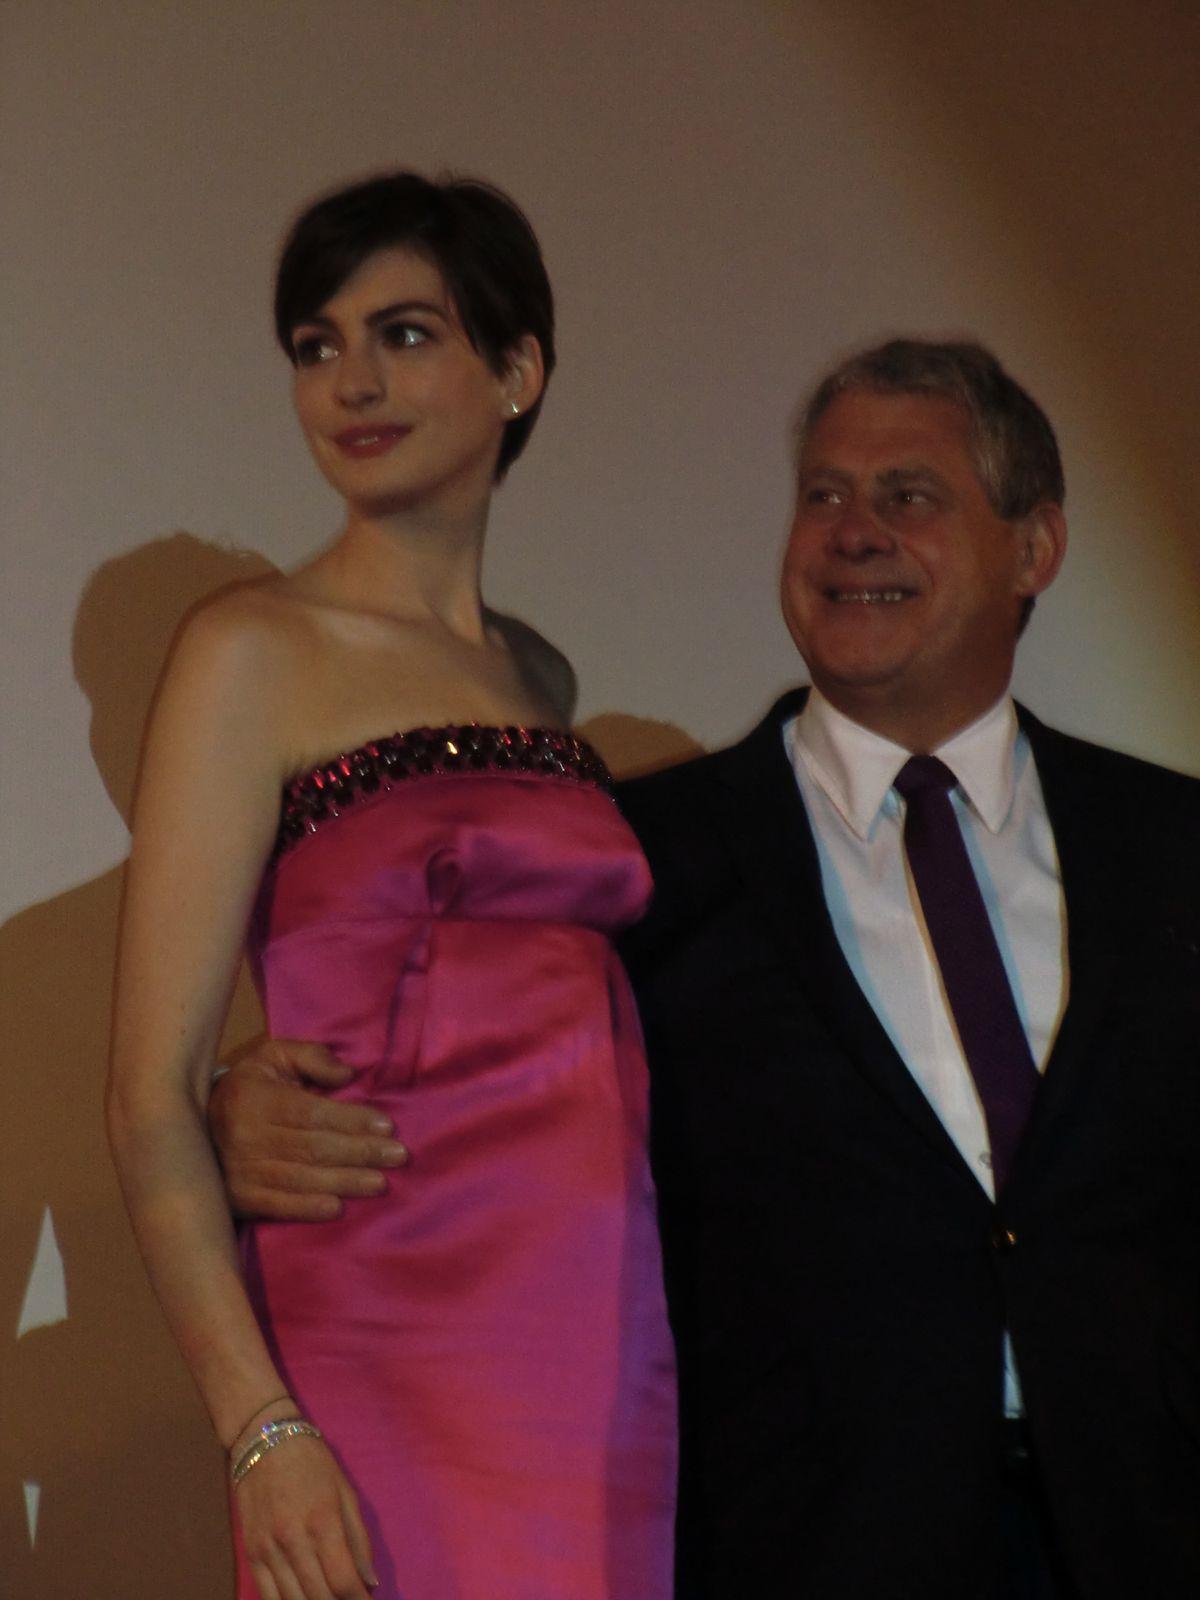 Elle est belle Anne Hathaway (mais sa robe bustier est mal ajustée..)